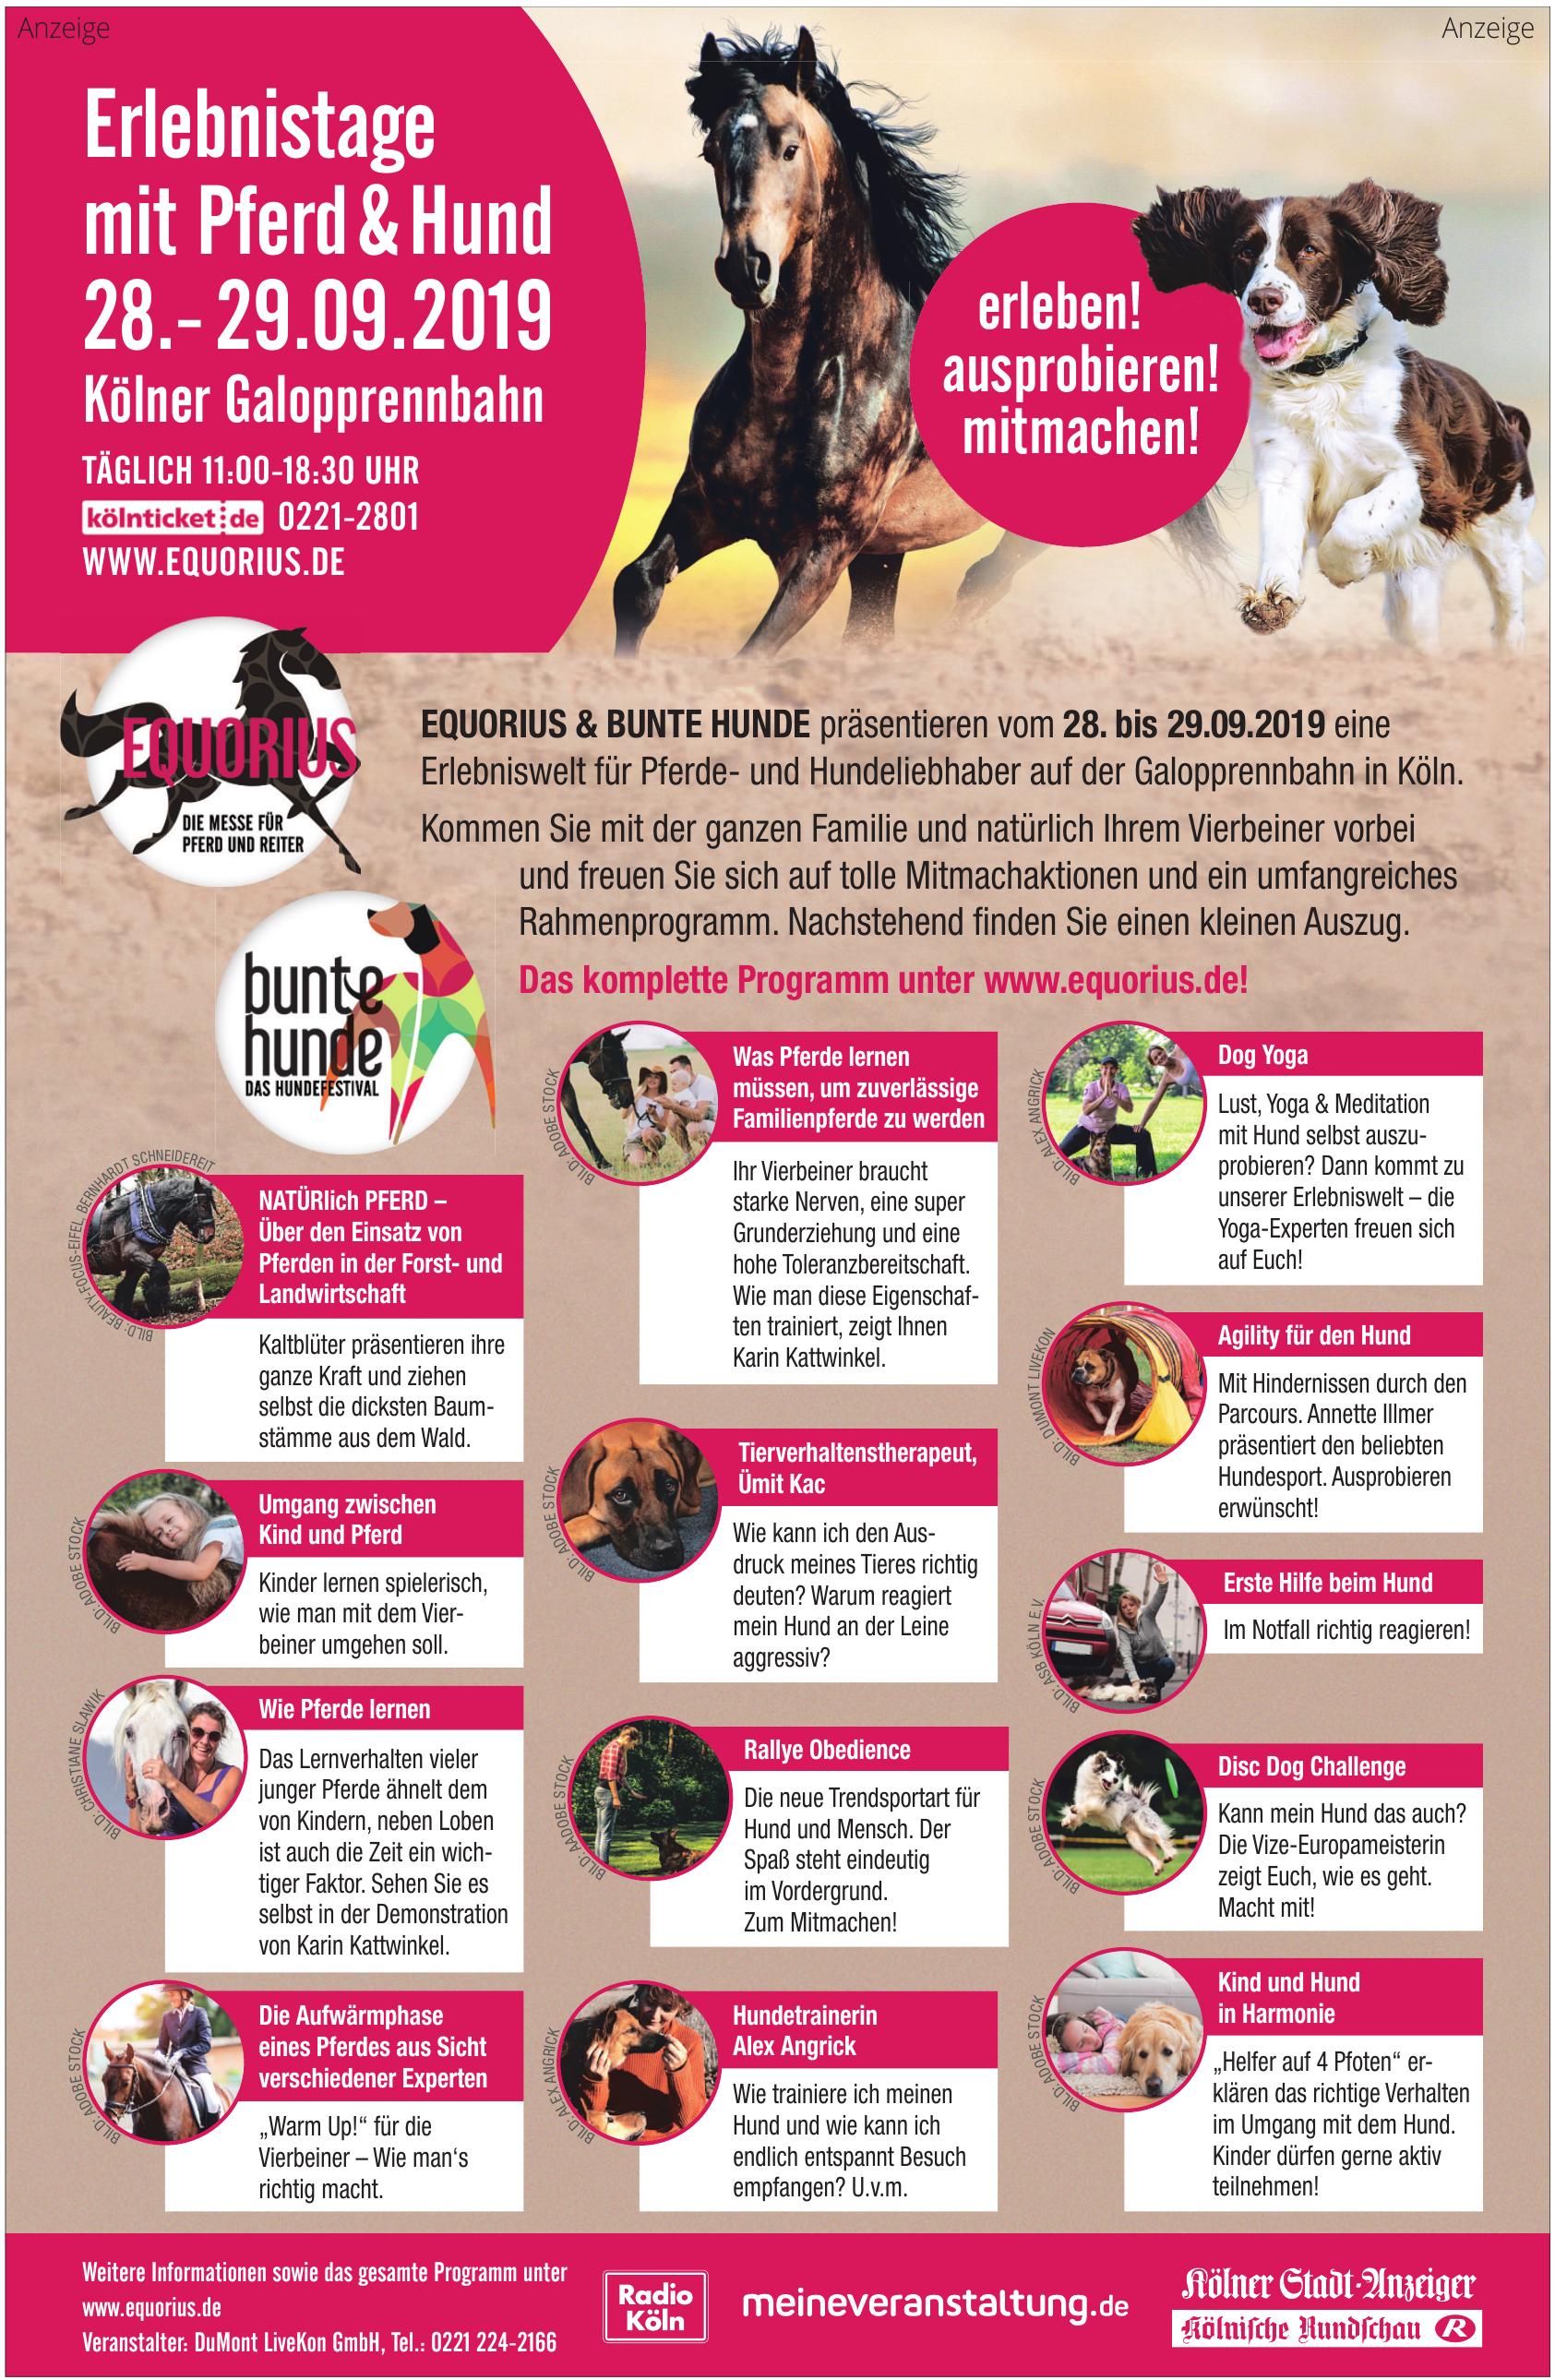 Erlebnistage mit Pferd & Hund